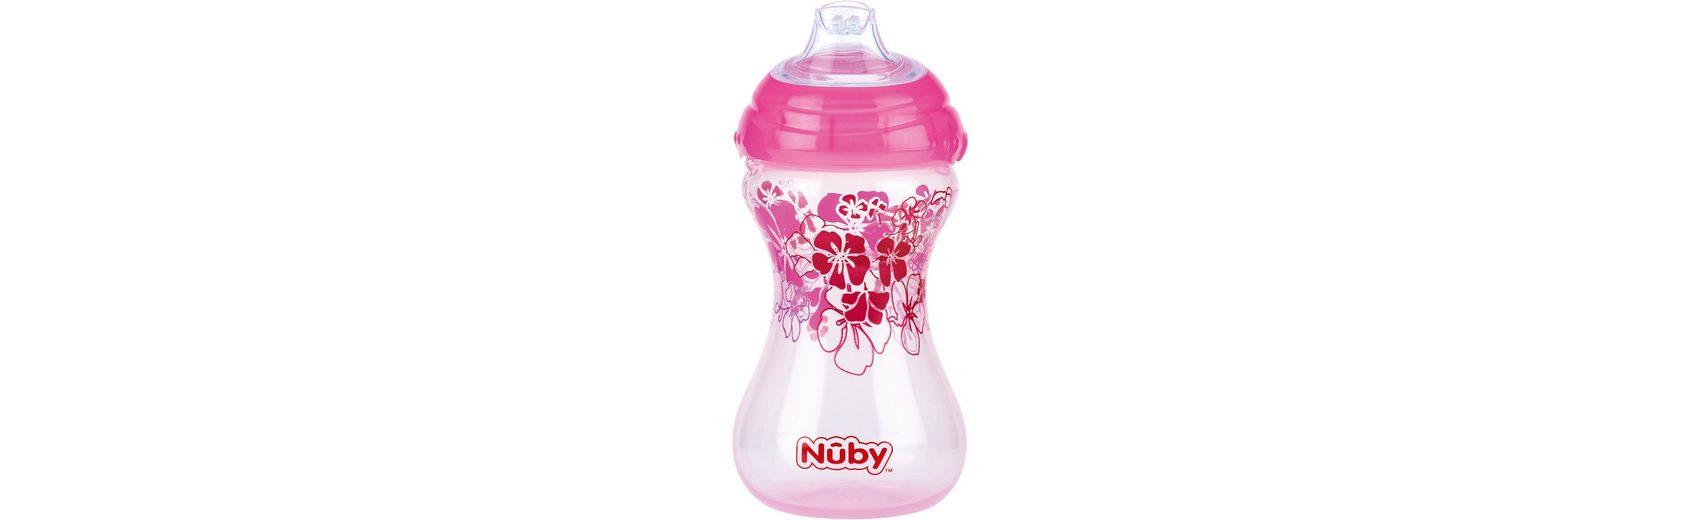 Nuby Trinkbecher Clik-It, 300 ml, pink